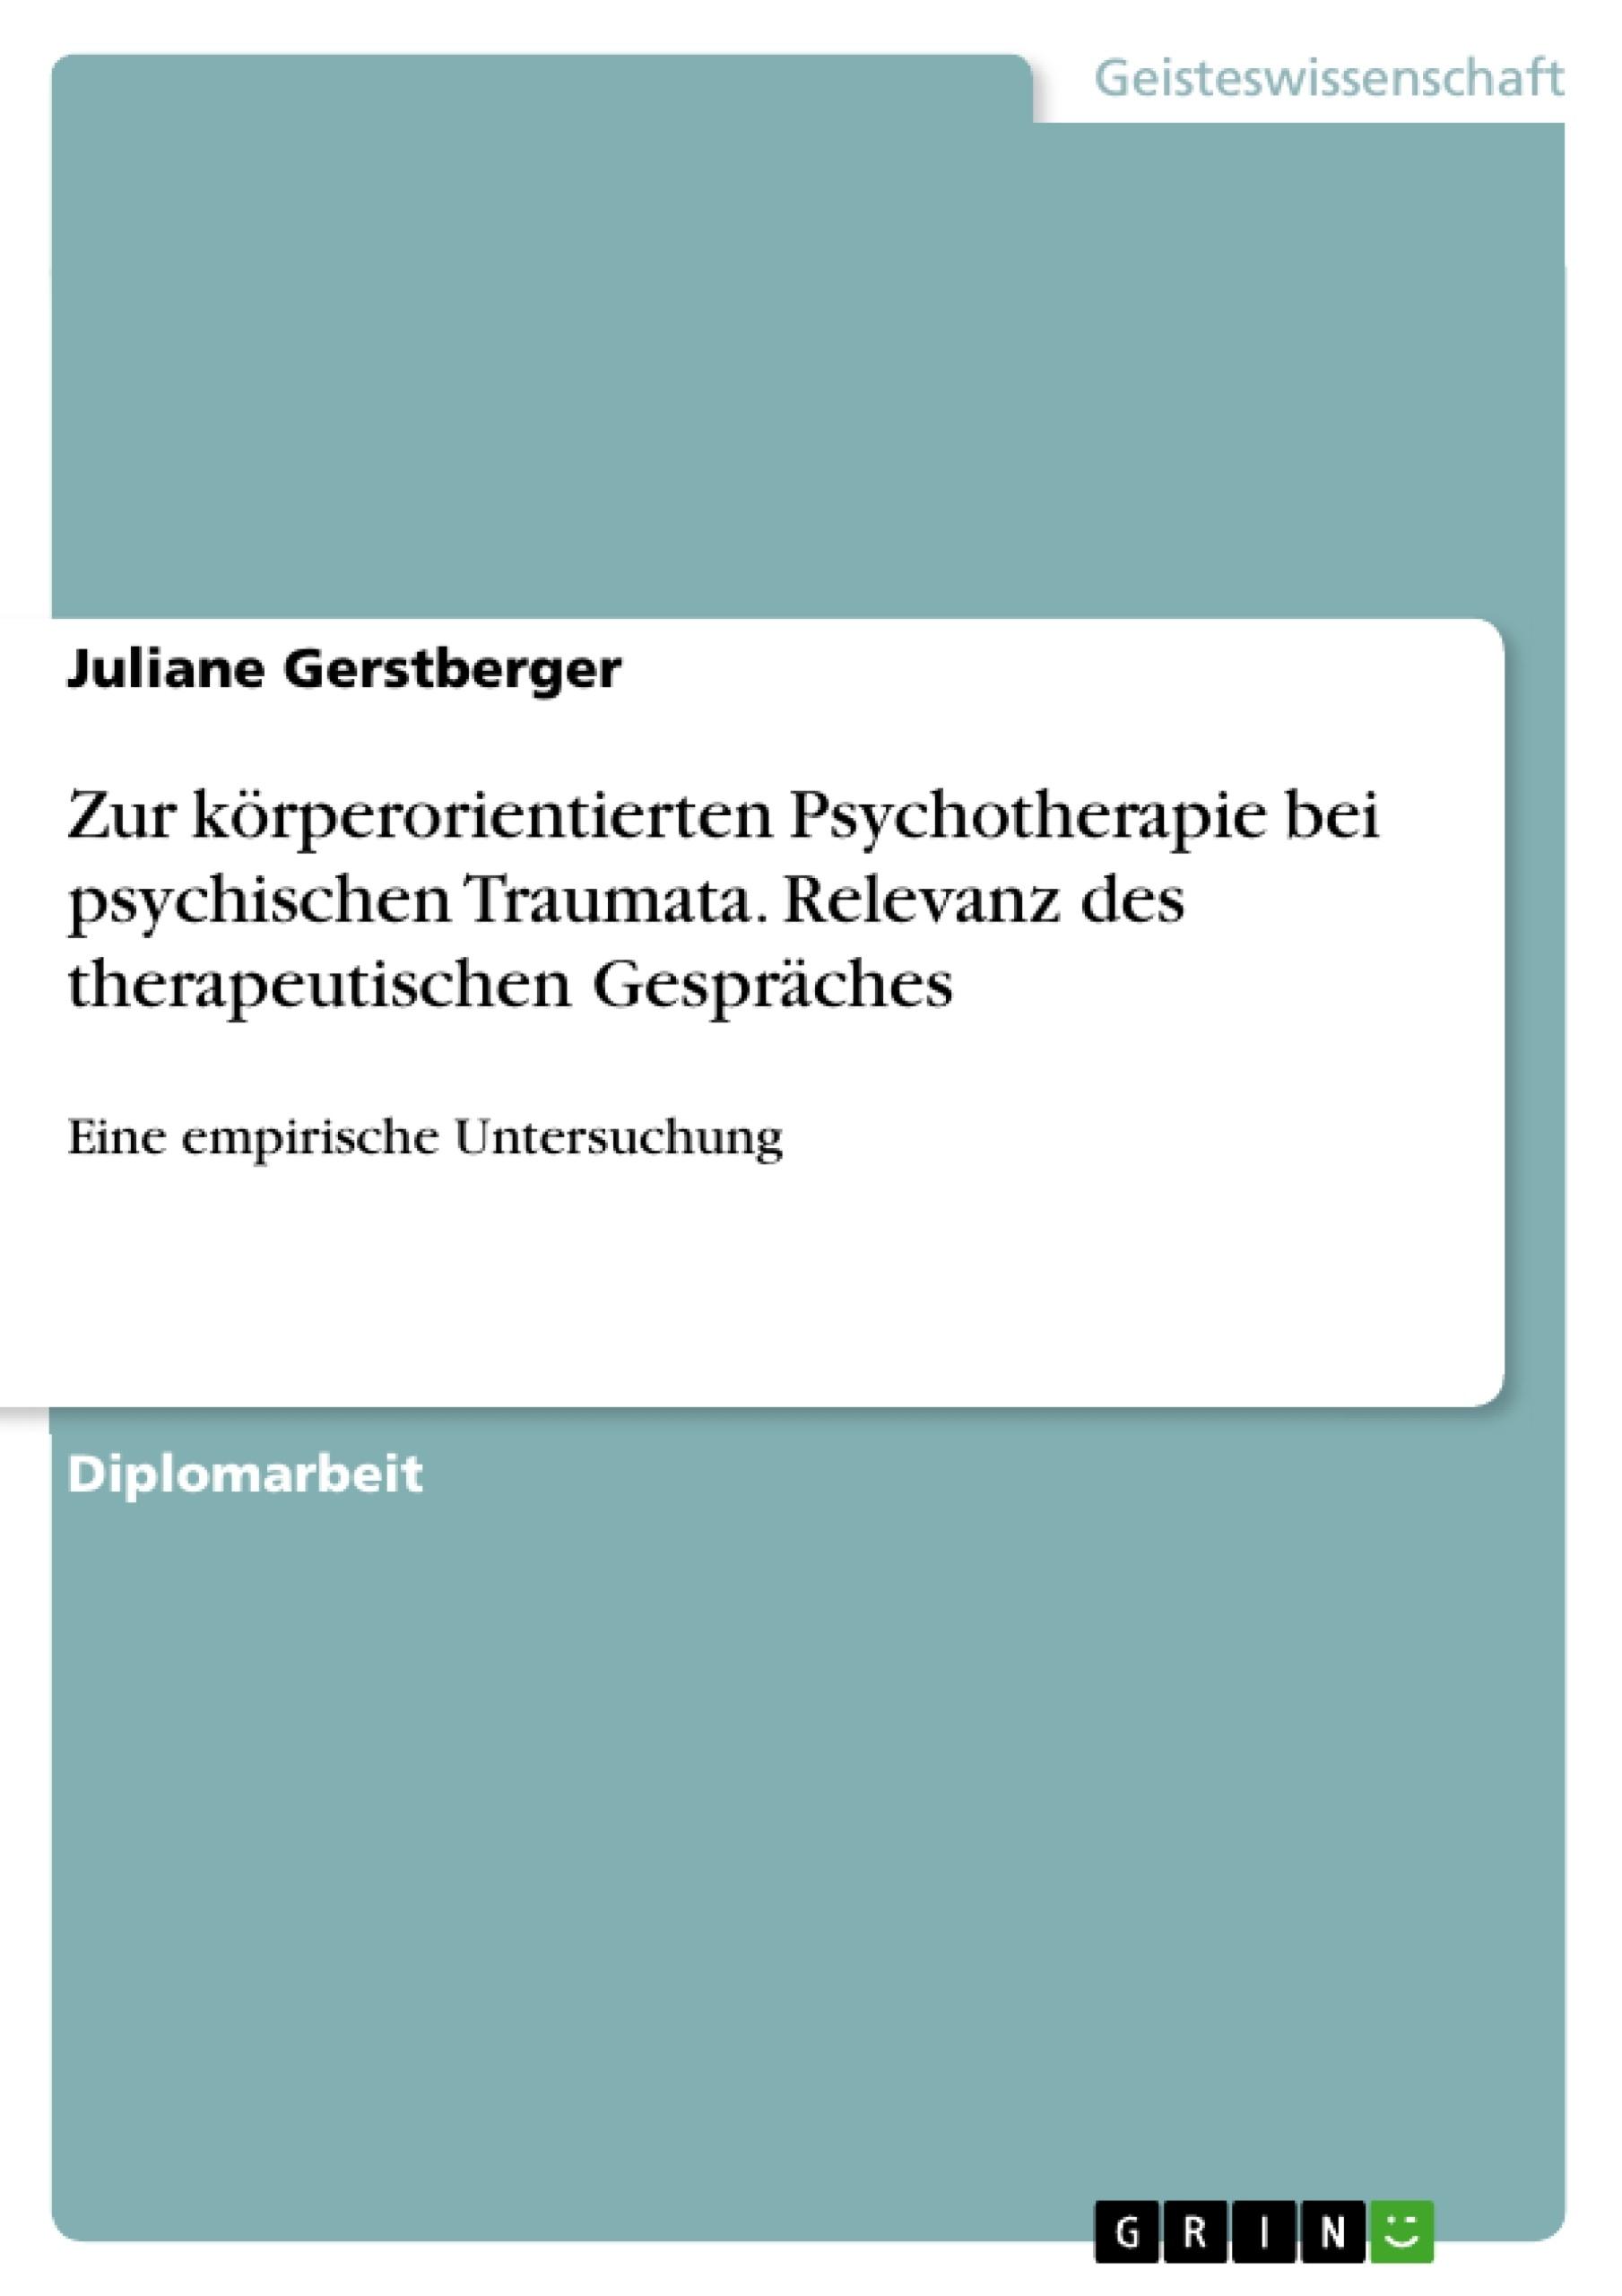 Titel: Zur körperorientierten Psychotherapie bei psychischen Traumata. Relevanz des therapeutischen Gespräches